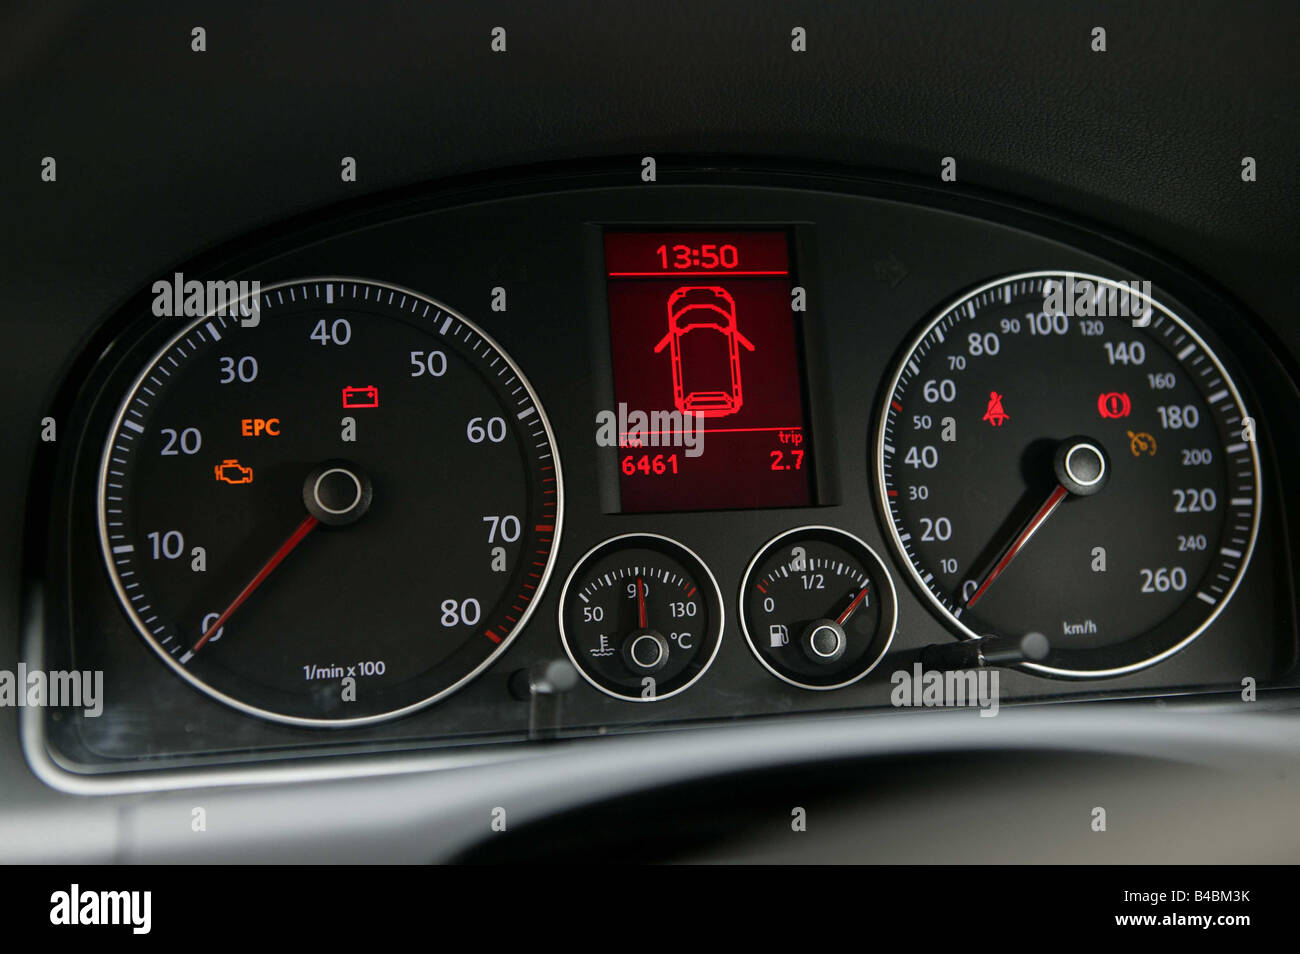 Auto cockpit beschreibung  Auto Cockpit Beschreibung | kochkor.info